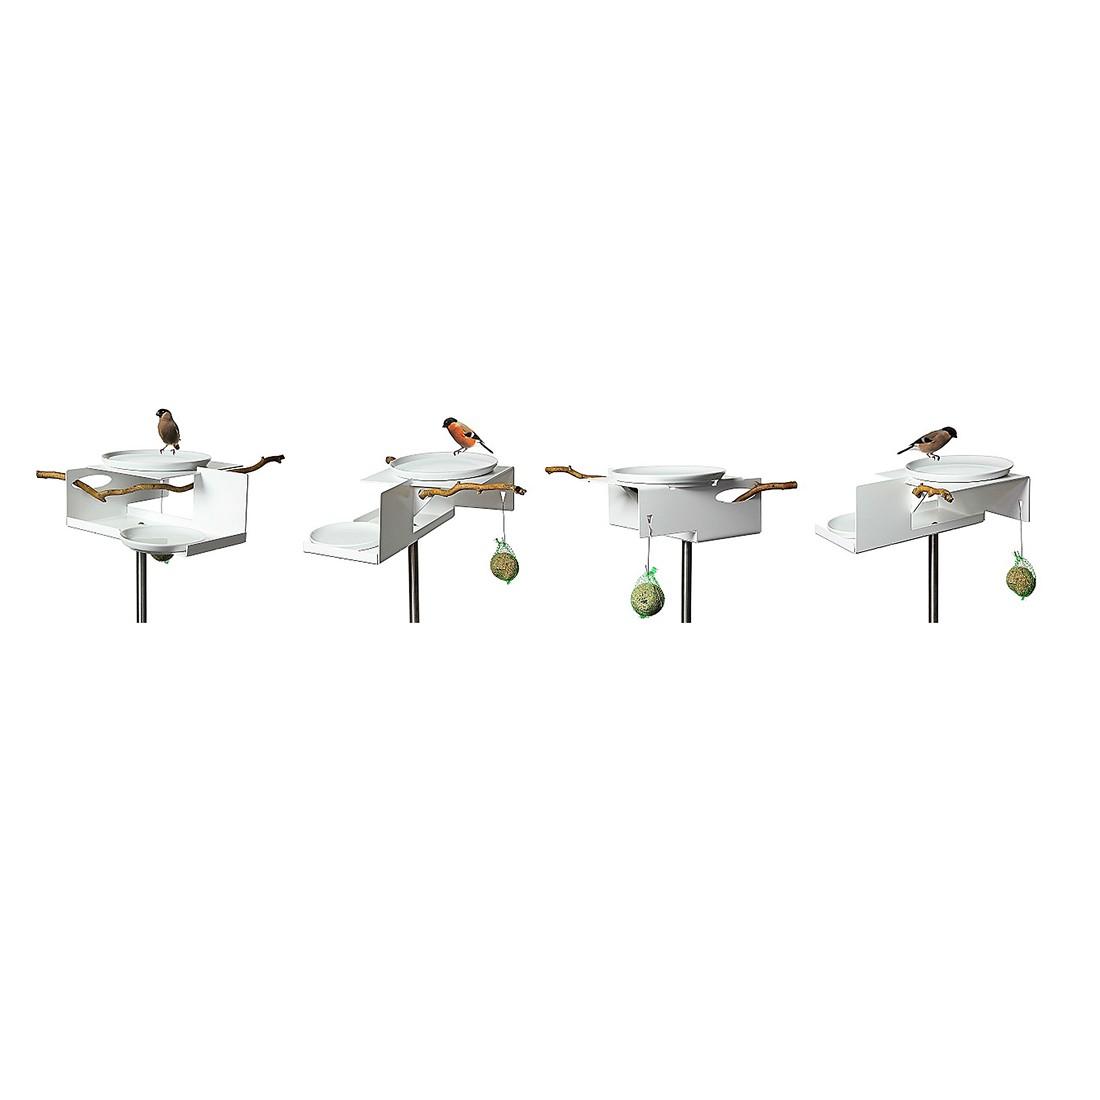 Vogeltränke mit Stab - Aluminium Pulverbeschichtet Weiß, Opossum Design